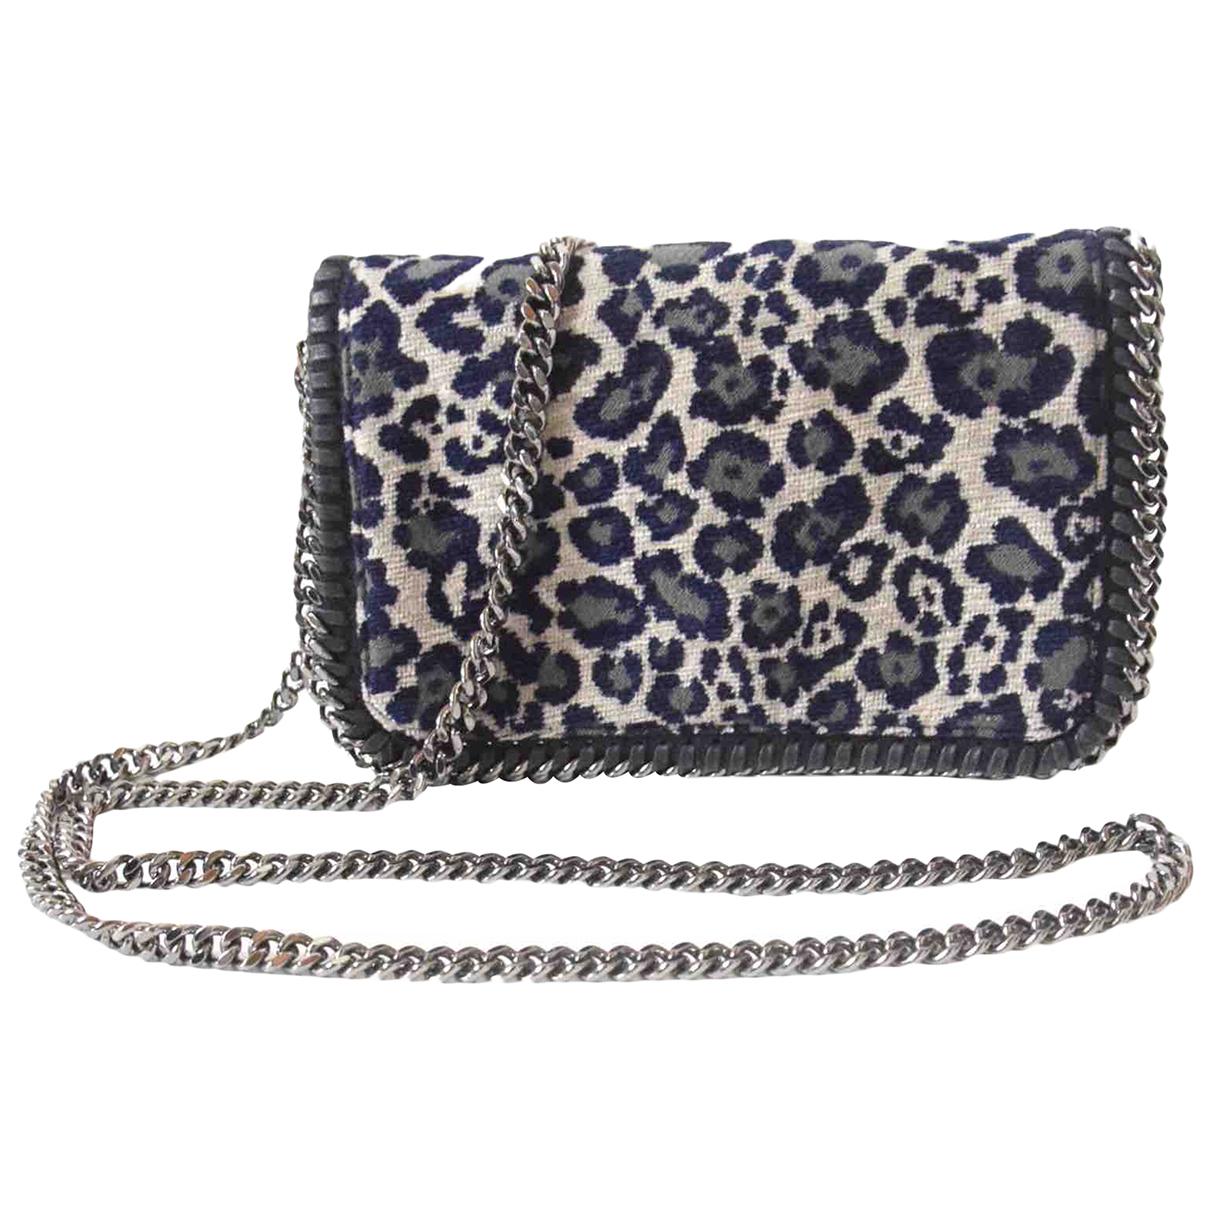 Stella Mccartney Falabella Handtasche in Samt